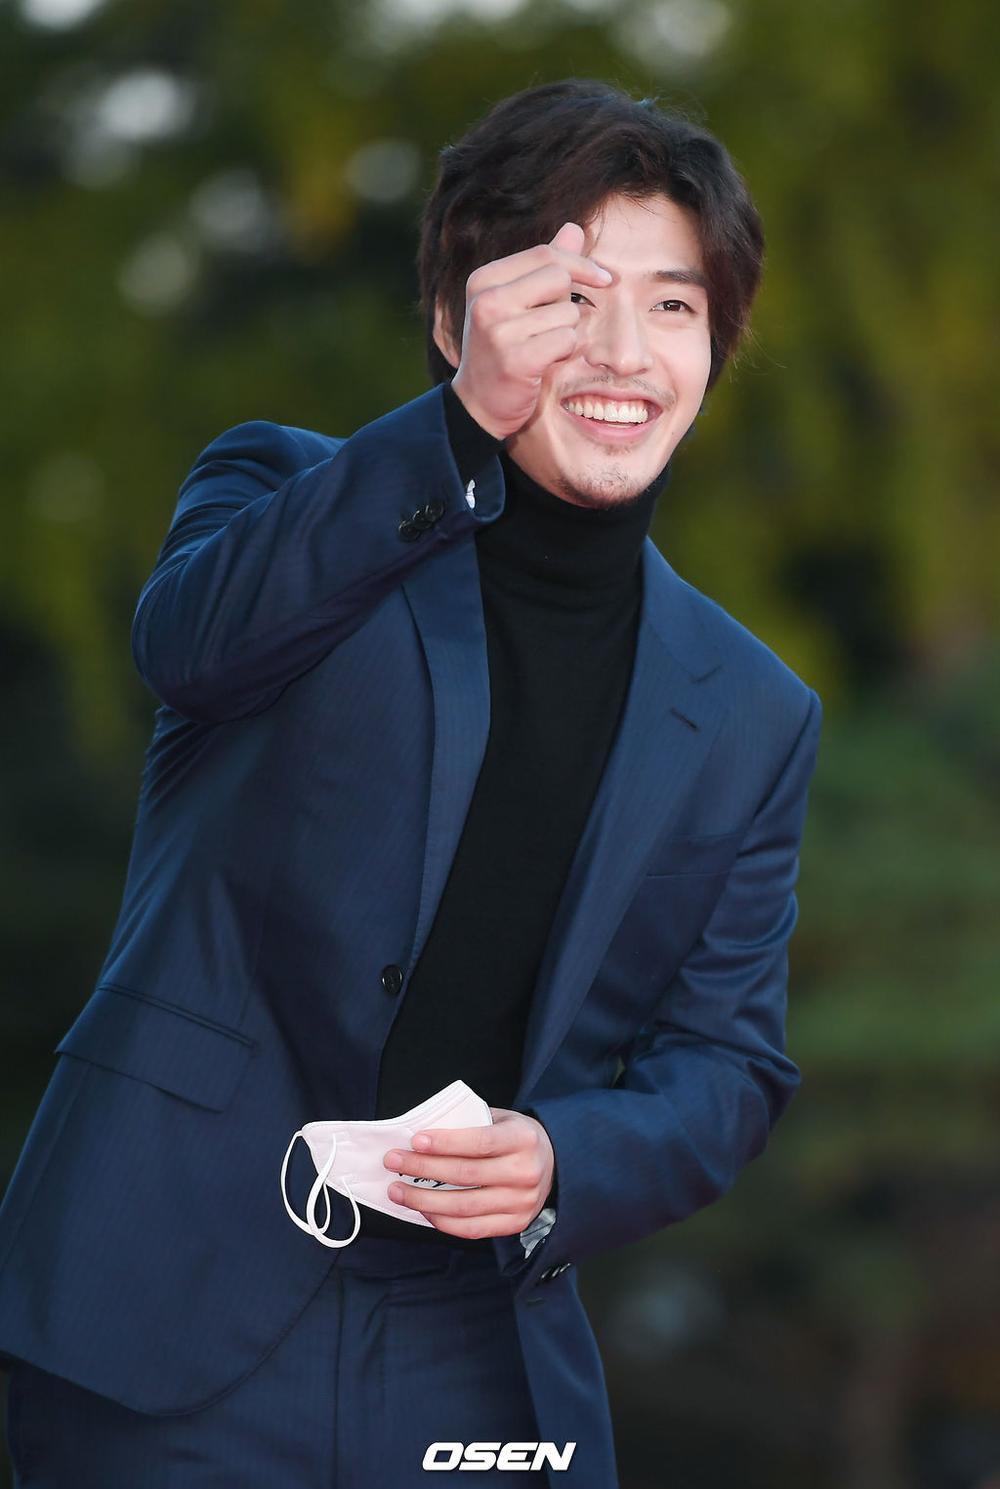 Thảm đỏ hot nhất Hàn Quốc: SEVENTEEN cùng Hyun Bin, Gong Hyo Jin, Kim Hee Ae và Kang Ha Neul gây sốt Ảnh 19